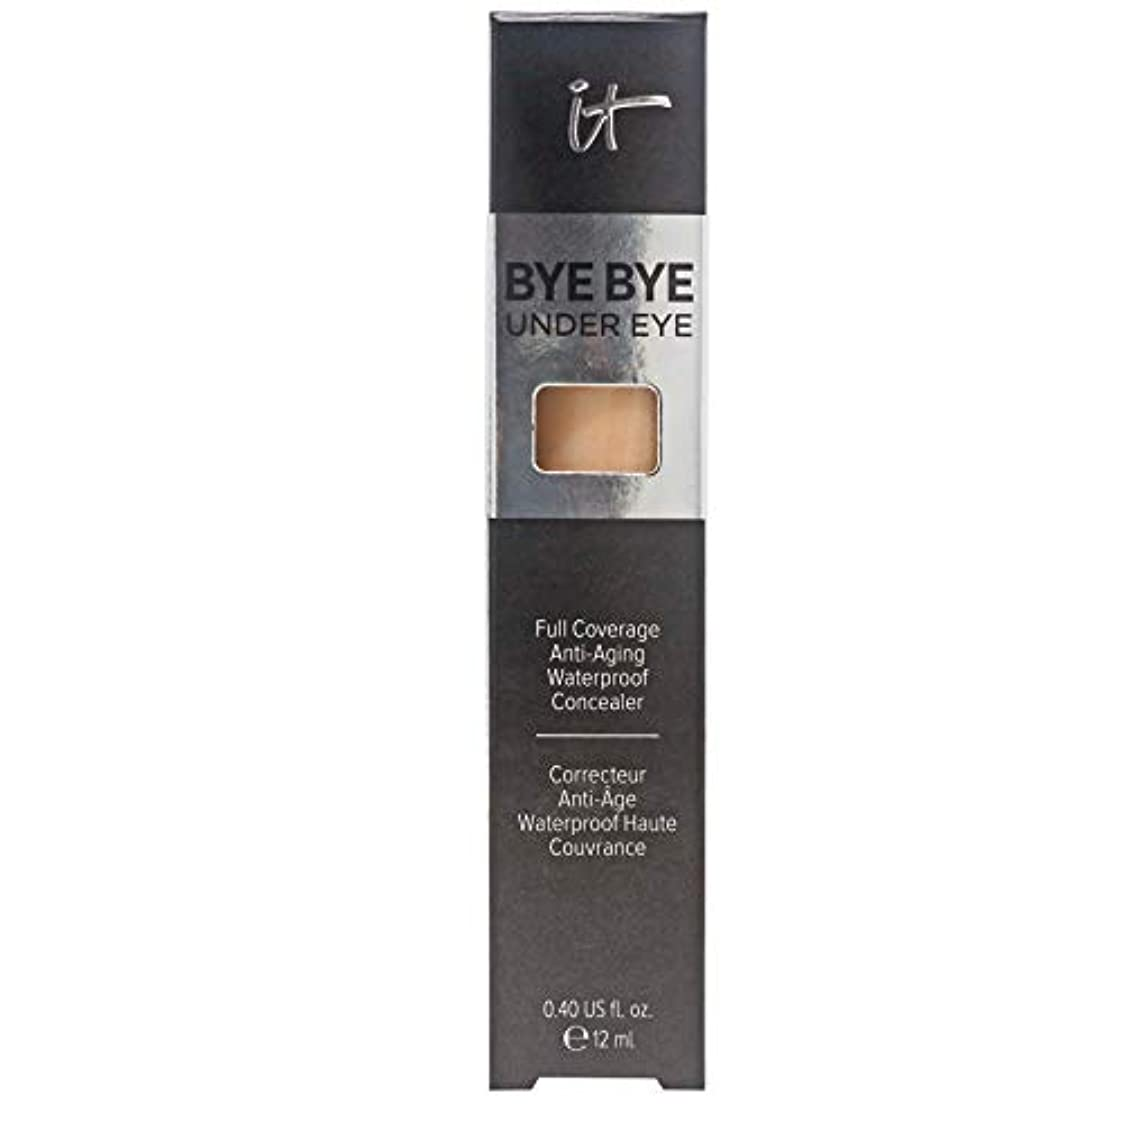 ボーダージョージスティーブンソン死の顎IT COSMETICS Bye Bye Under Eye Full Coverage Anti-Aging Waterproof Concealer (21.0 Medium Tan)